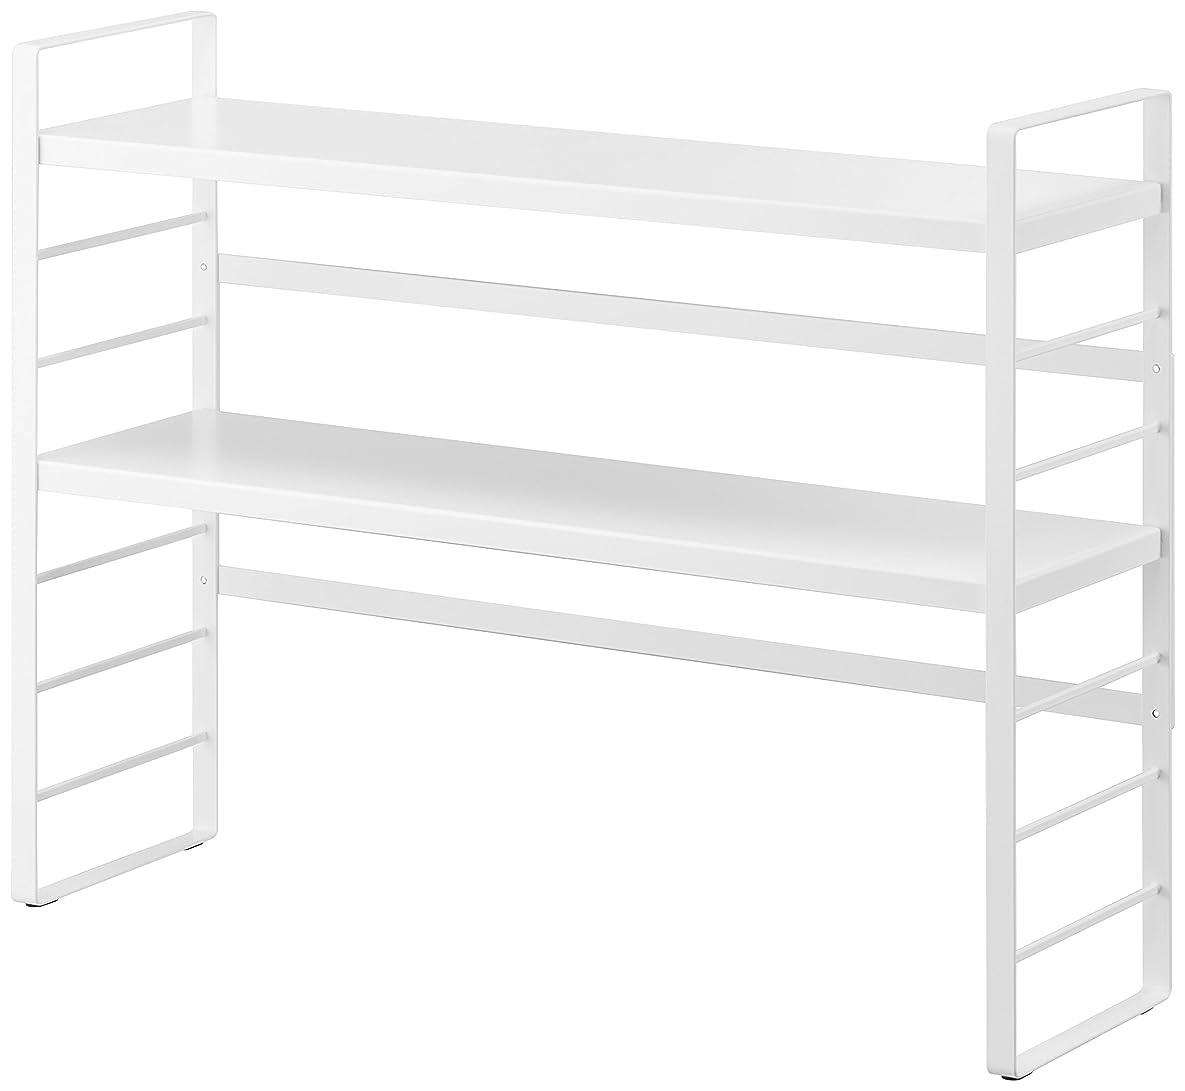 良心的こどもセンタードライブ山崎実業 シンク上キッチン収納ラック ホワイト 約W58×D16×H43.5cm プレート キッチン収納 3490